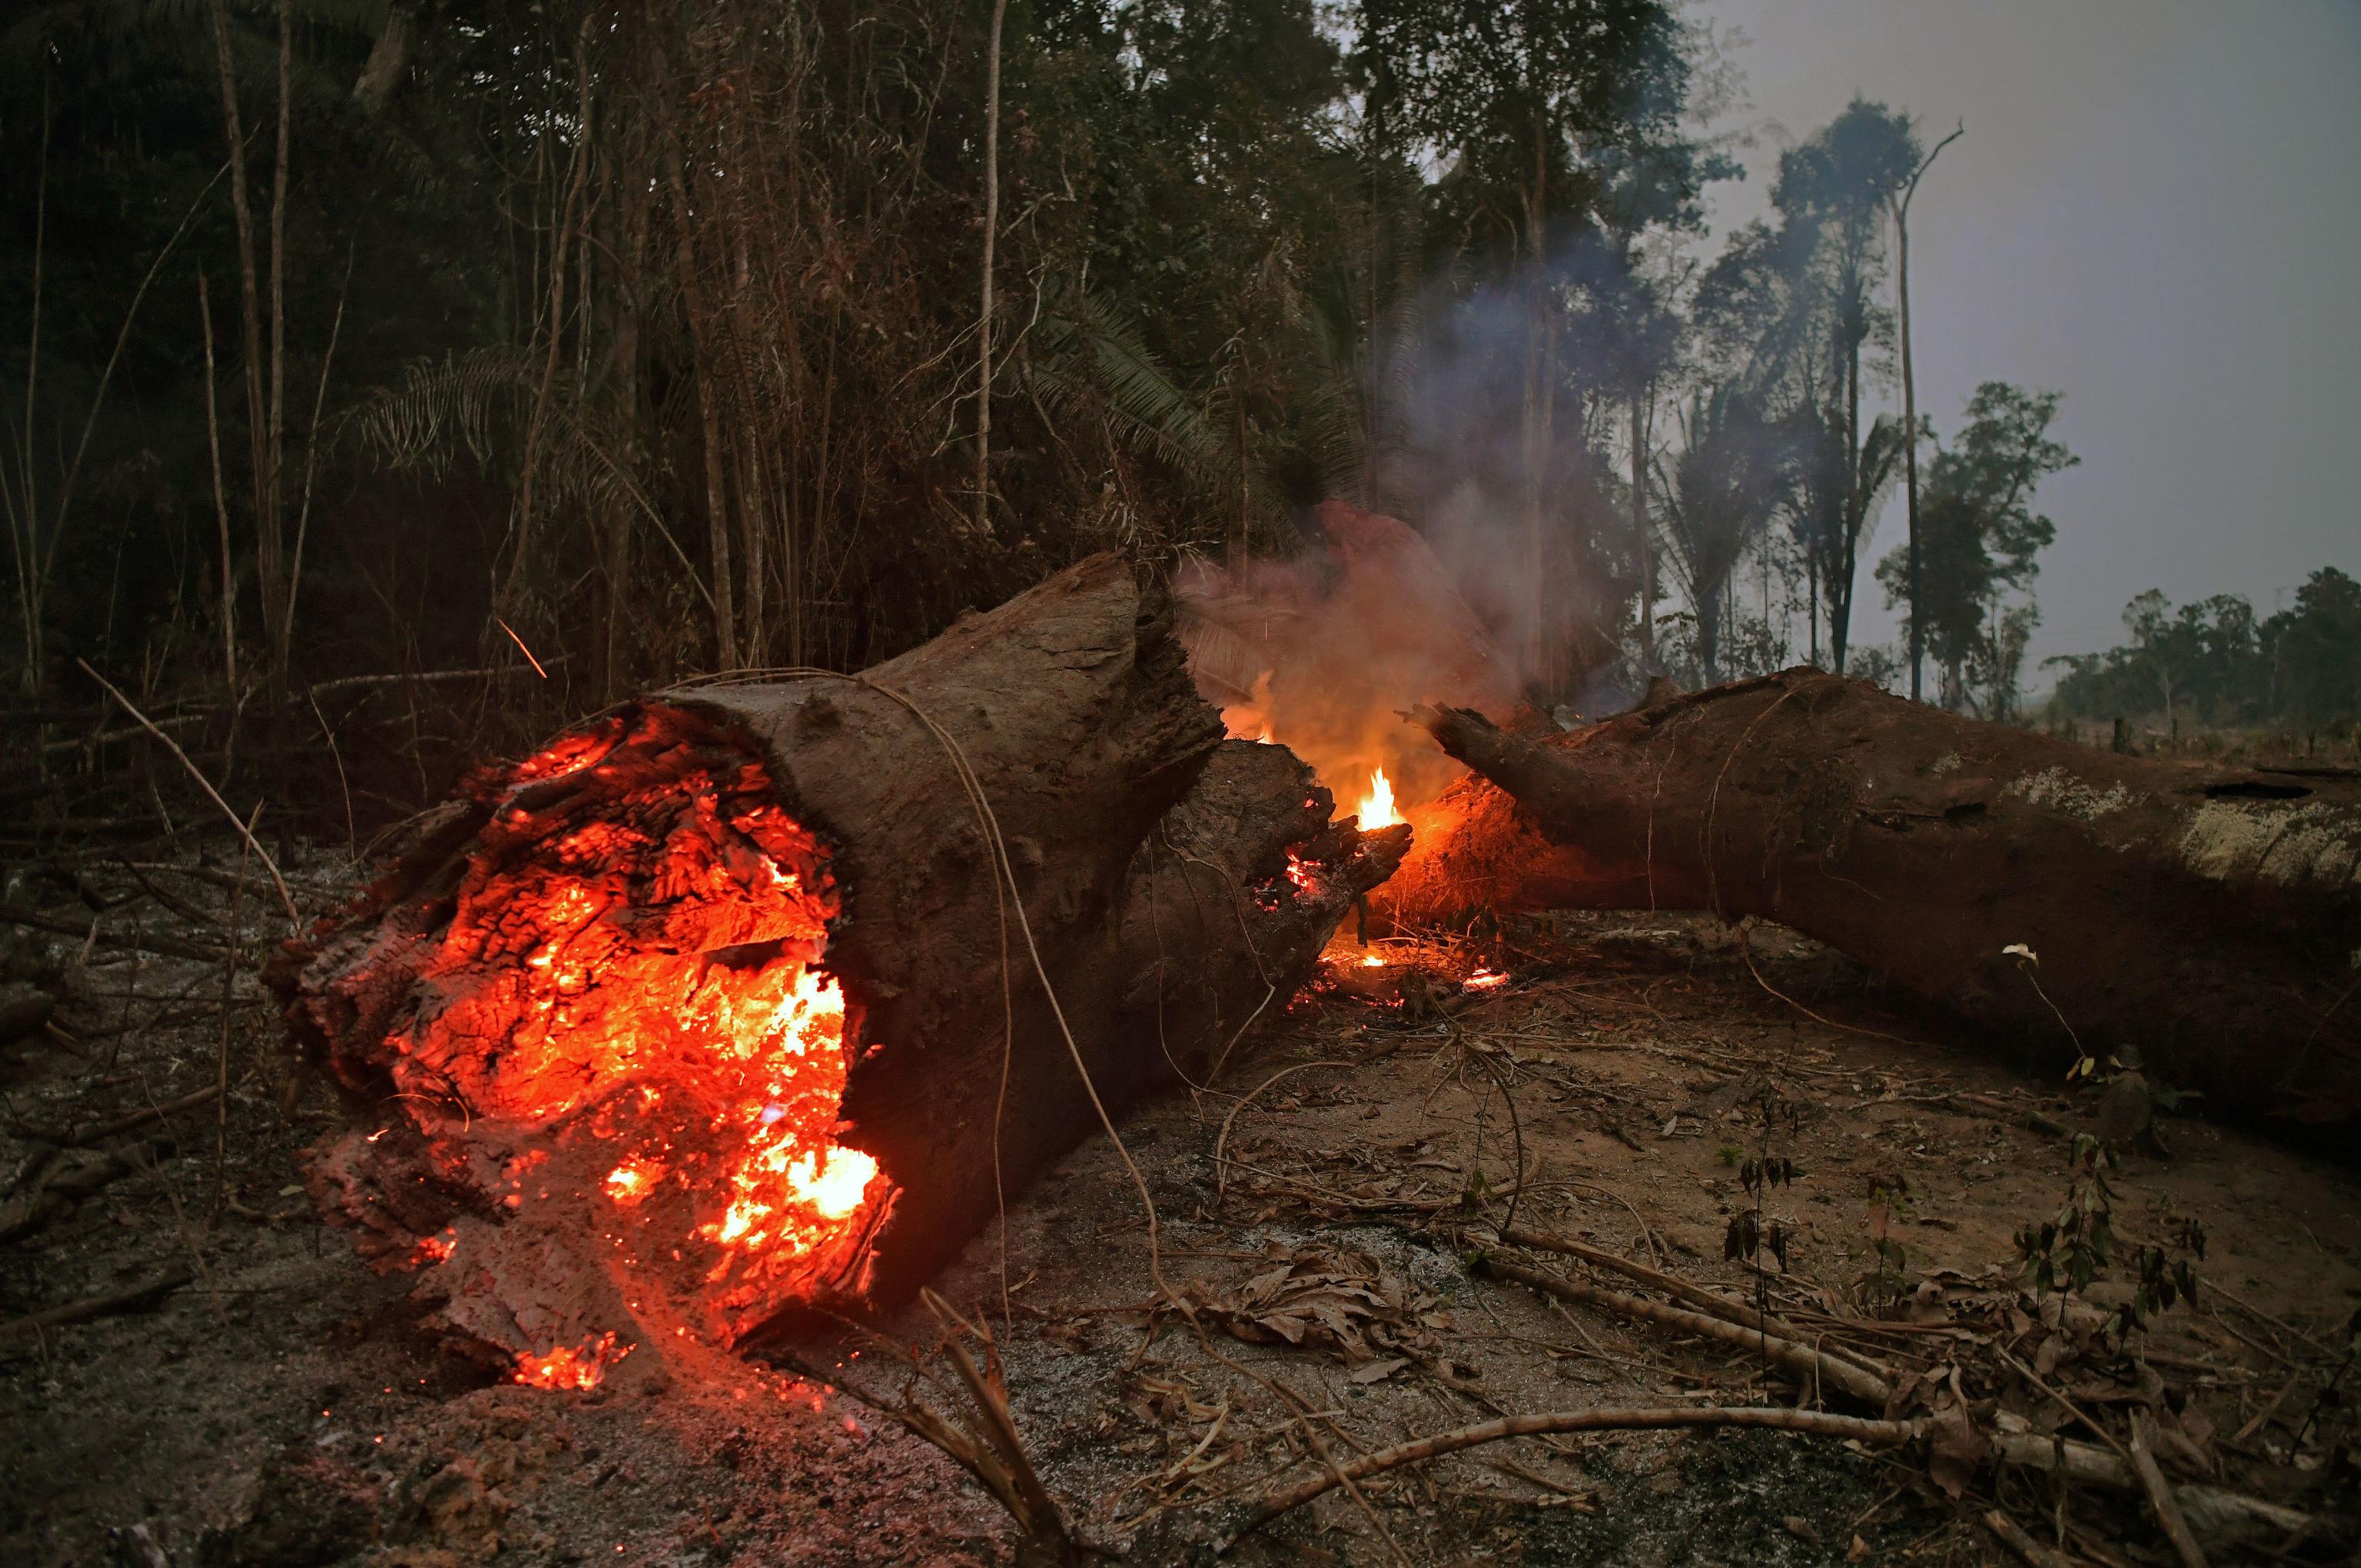 Tronco pega fogo na Floresta Amazônica